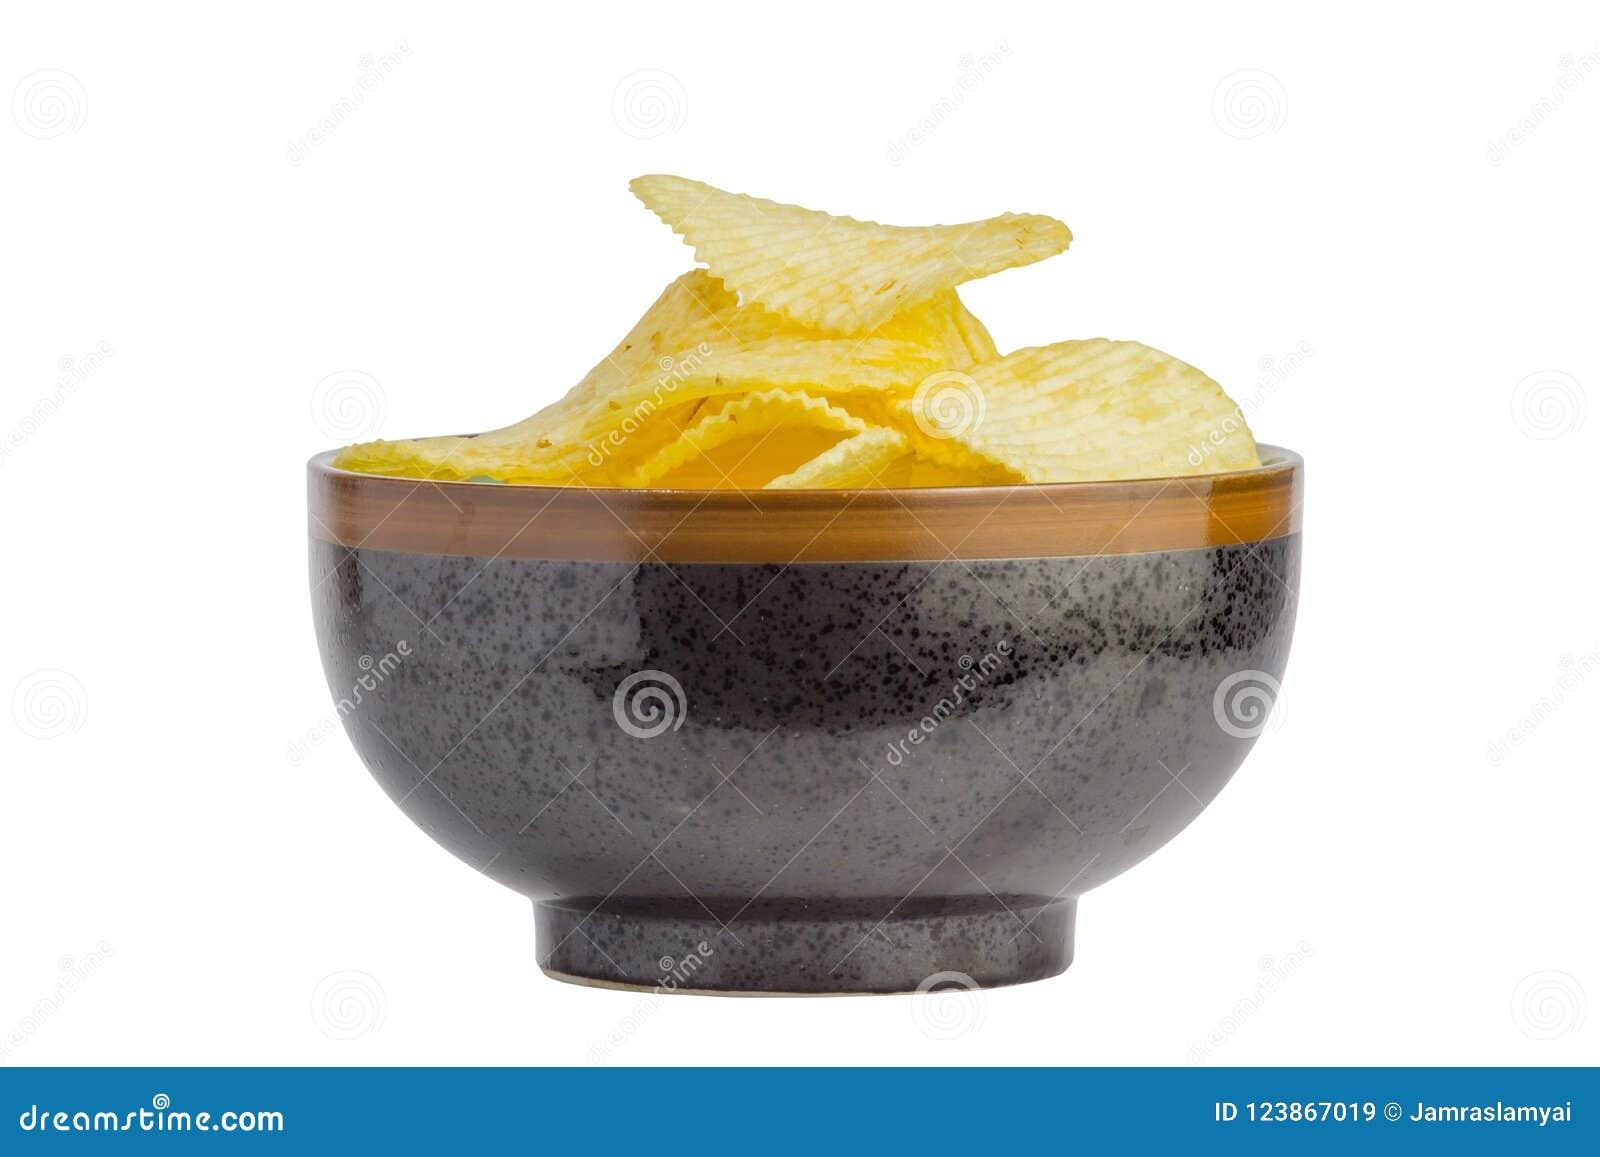 Petisco fritado das microplaquetas de batata na bacia isolada no fundo branco, comida lixo O arquivo contem um trajeto de grampea